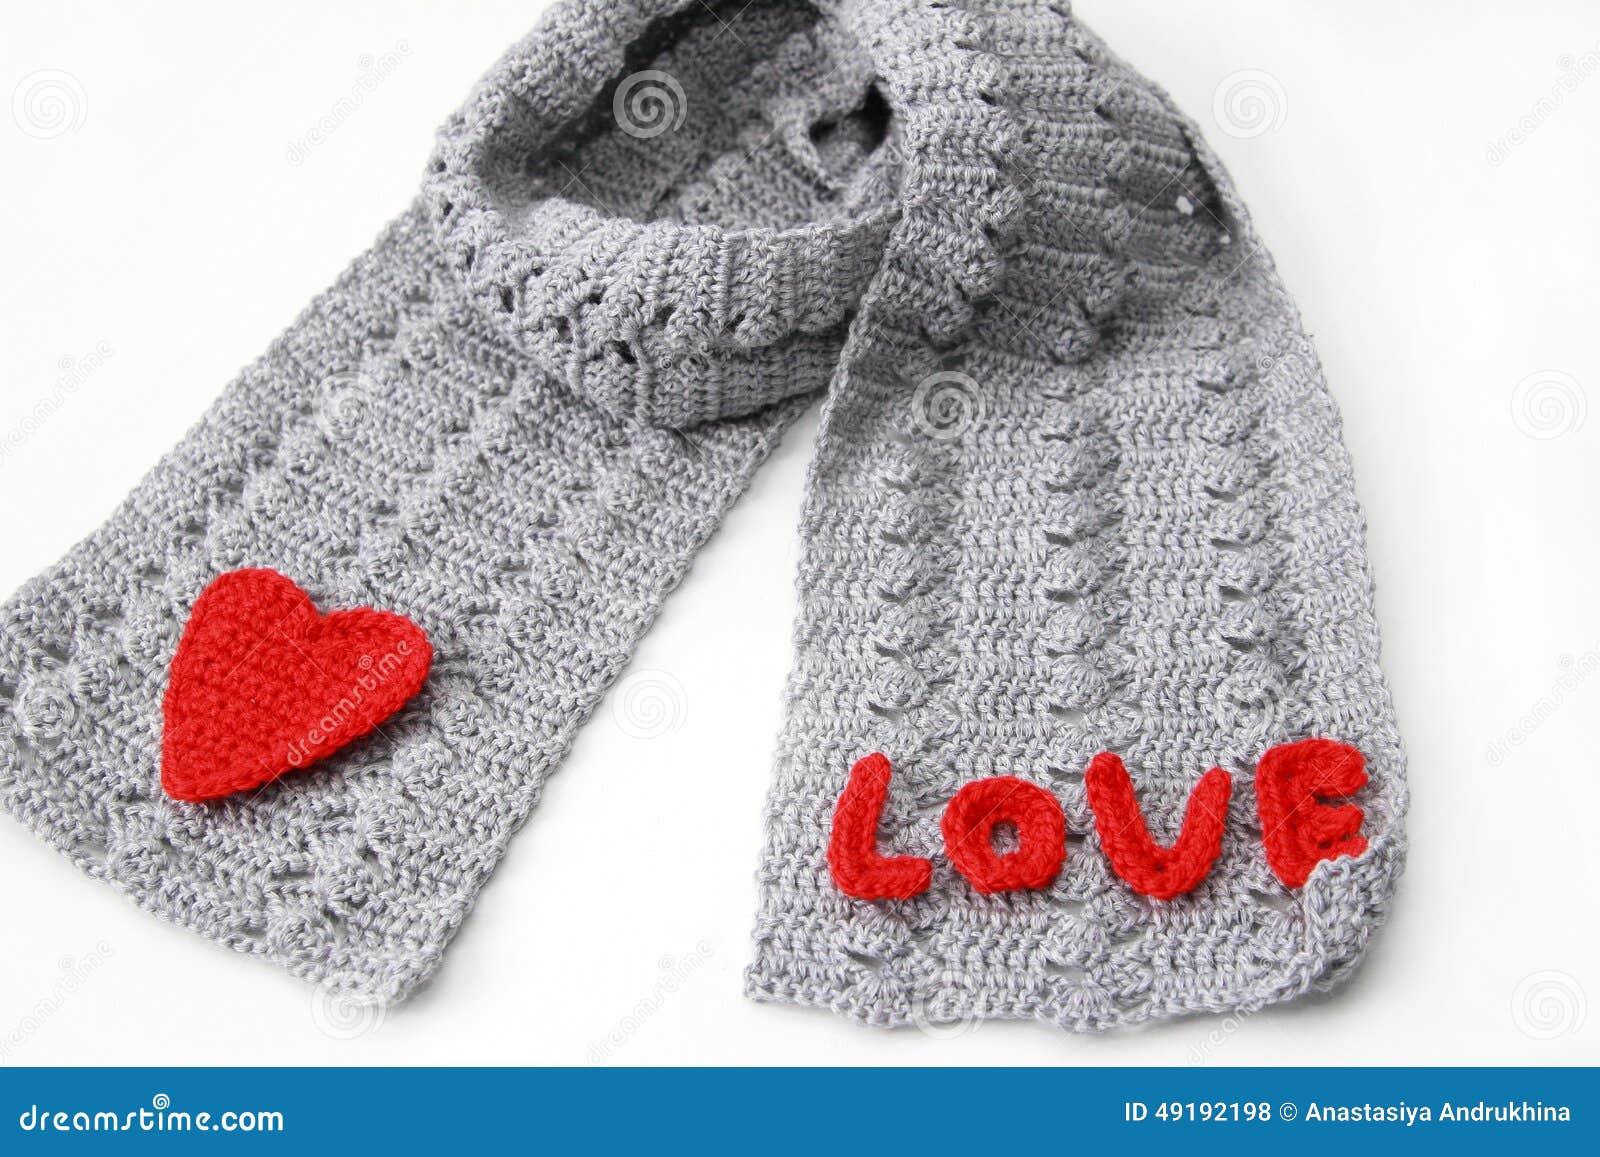 Asombroso Corazón Rojo Patrones Libres De Tejer Galería - Ideas de ...